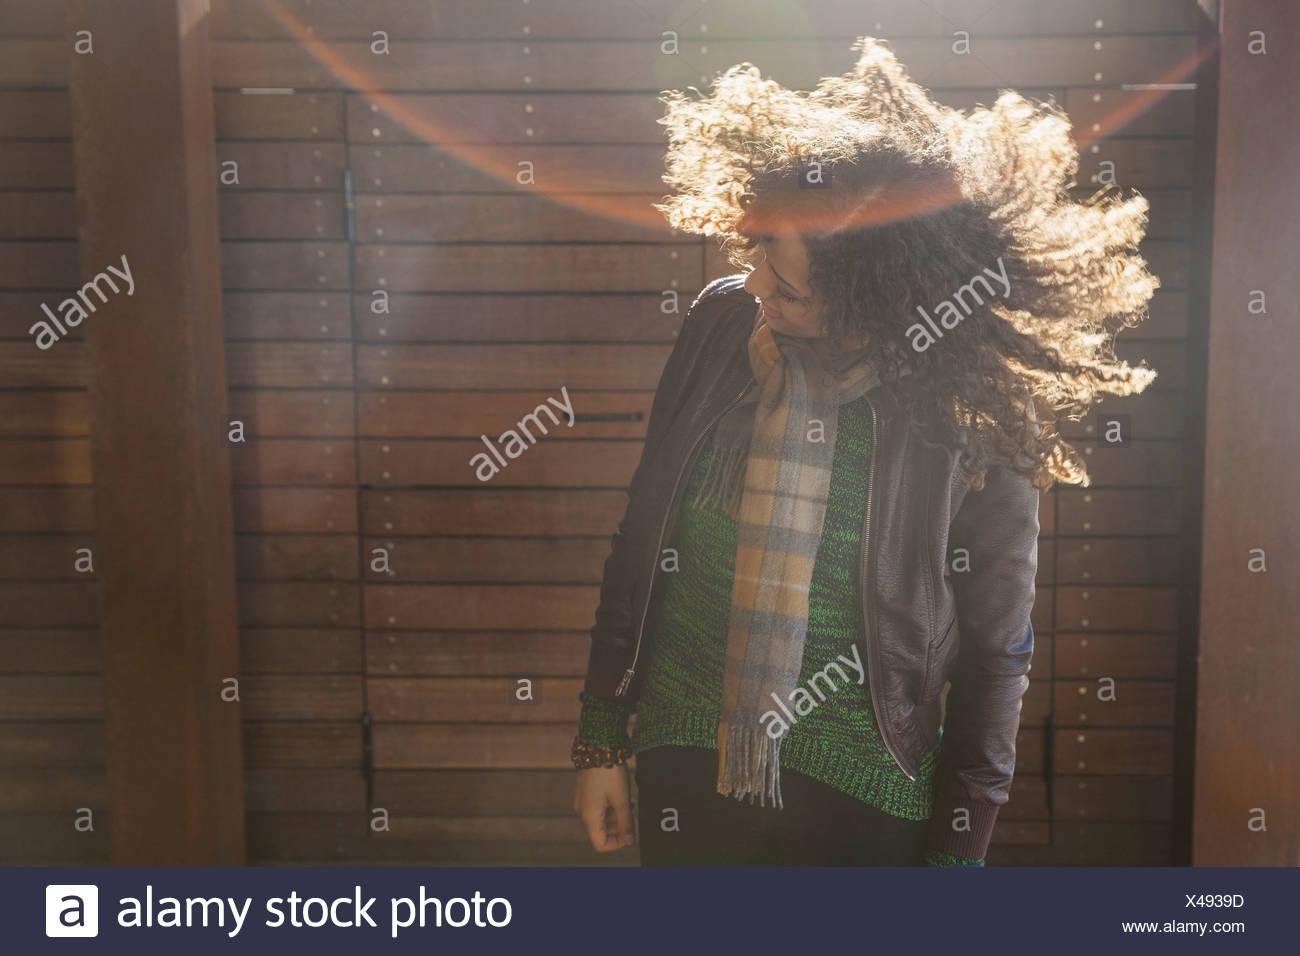 Frau stehend im freien schütteln ihr Haar Stockbild